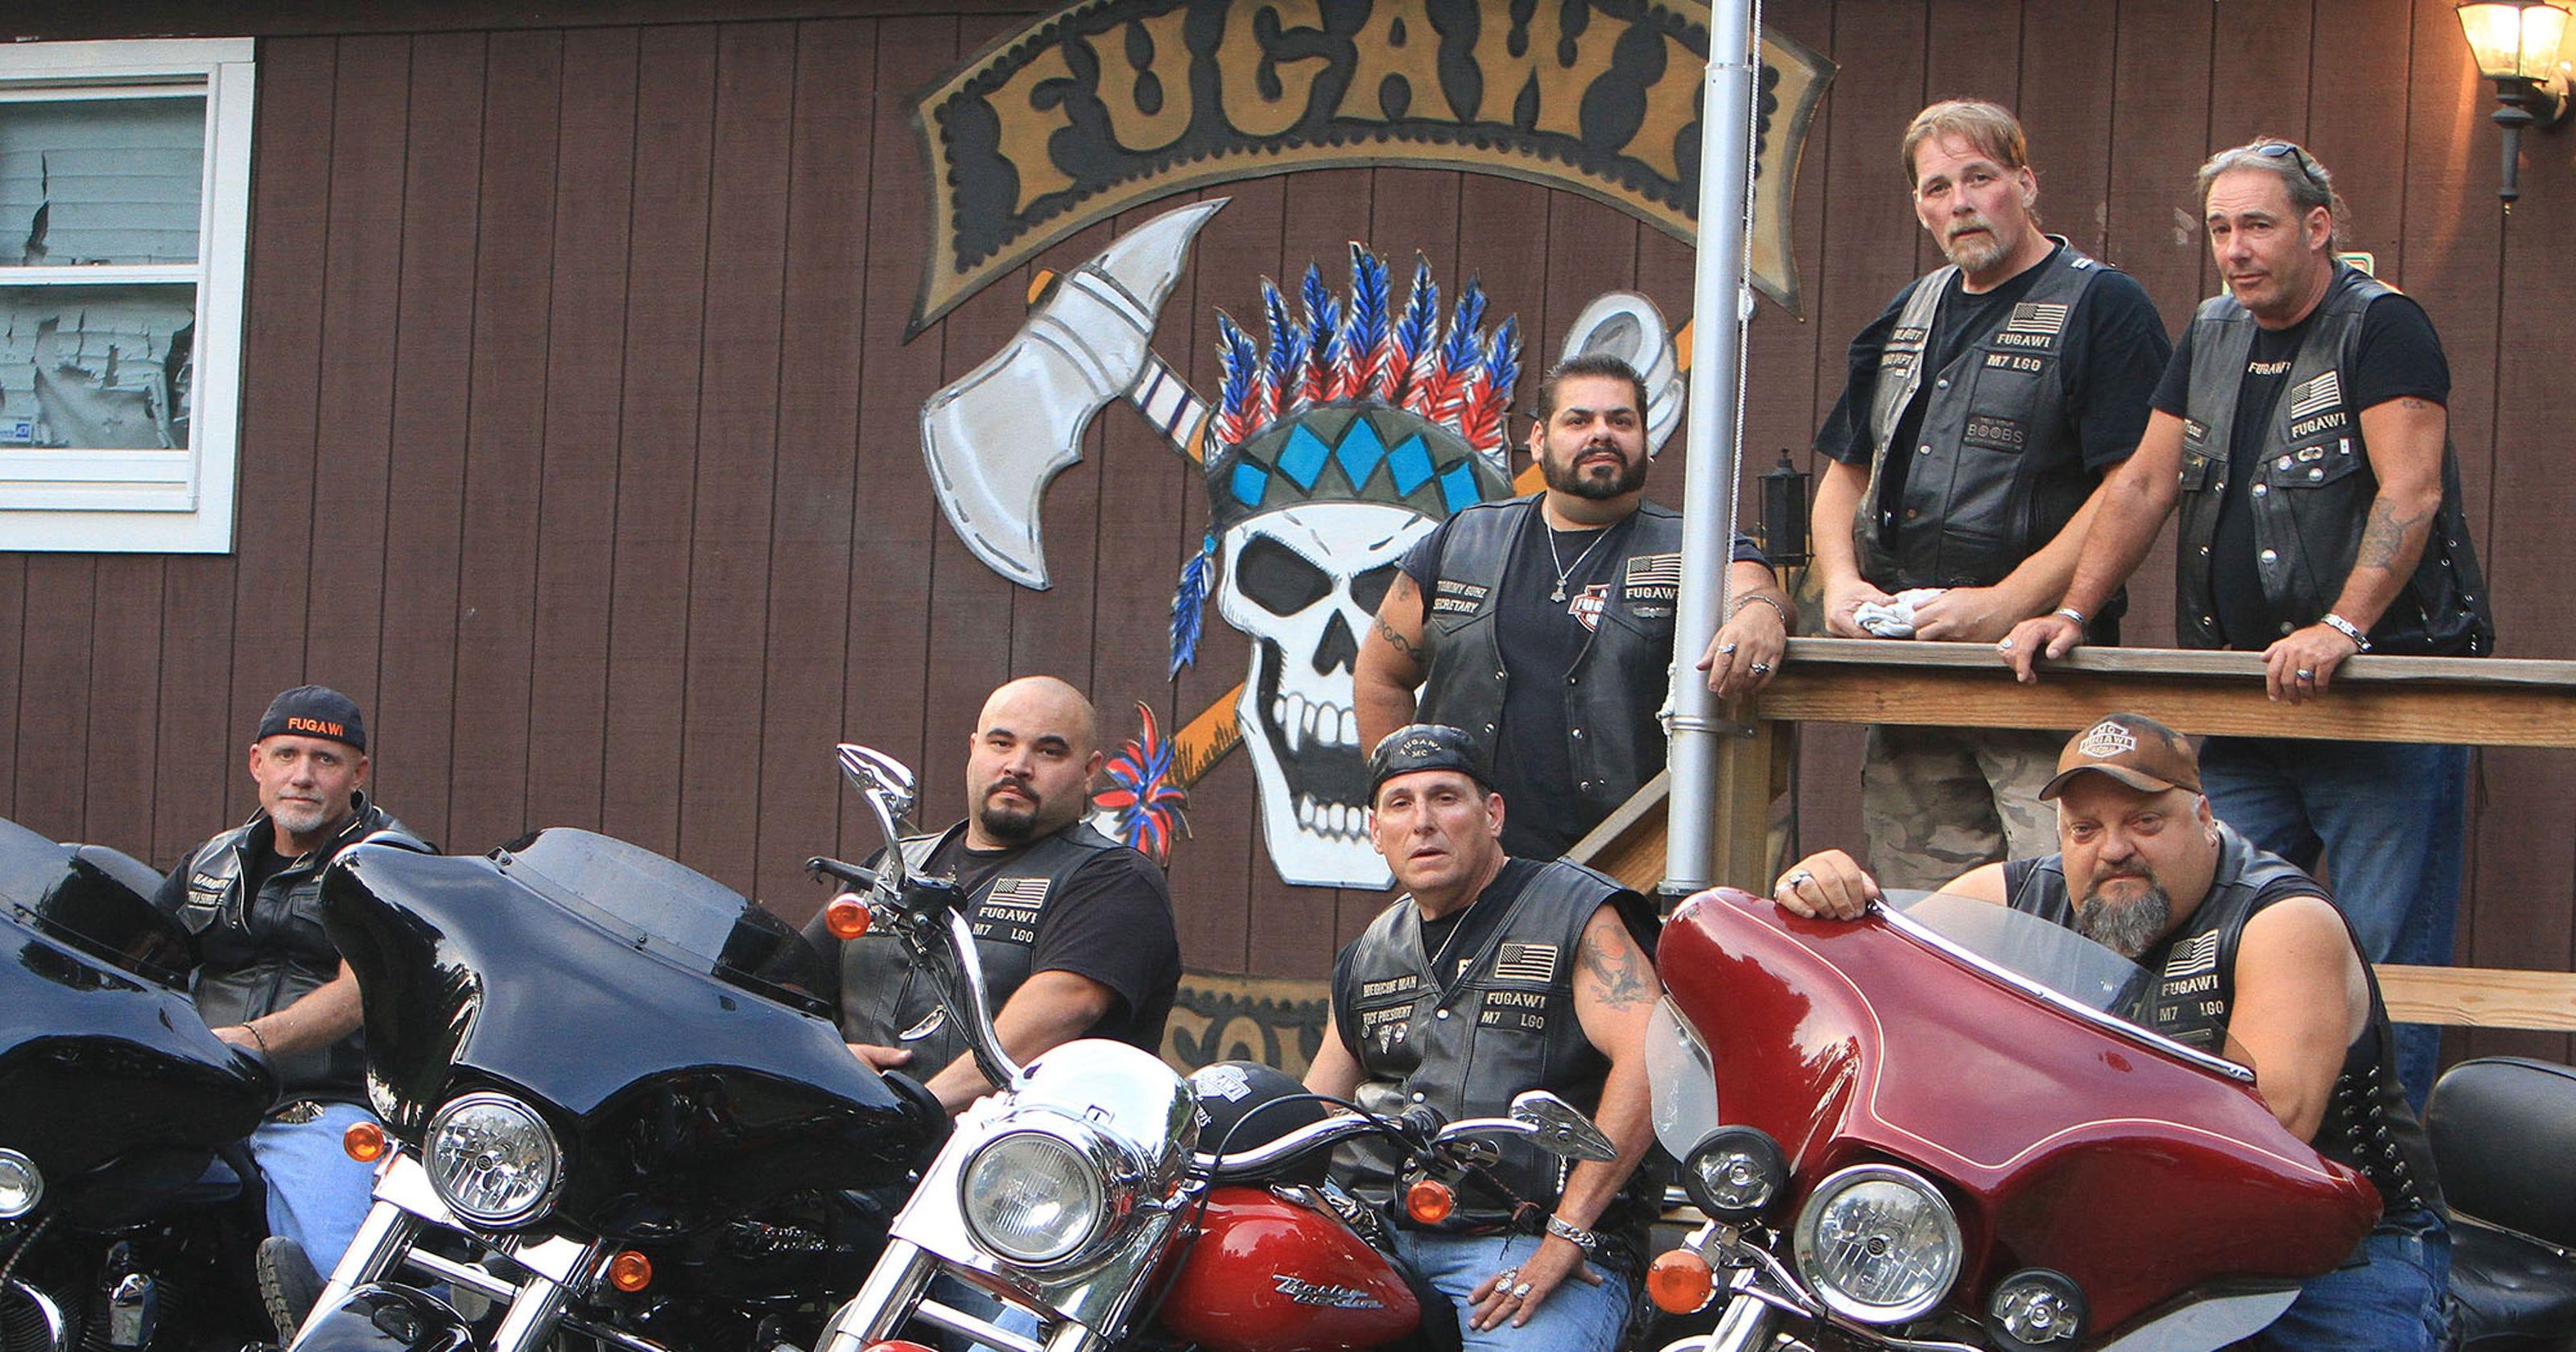 Top 10 Notorious American Biker Gangs - Listverse |Motorcycle Gang Member Names